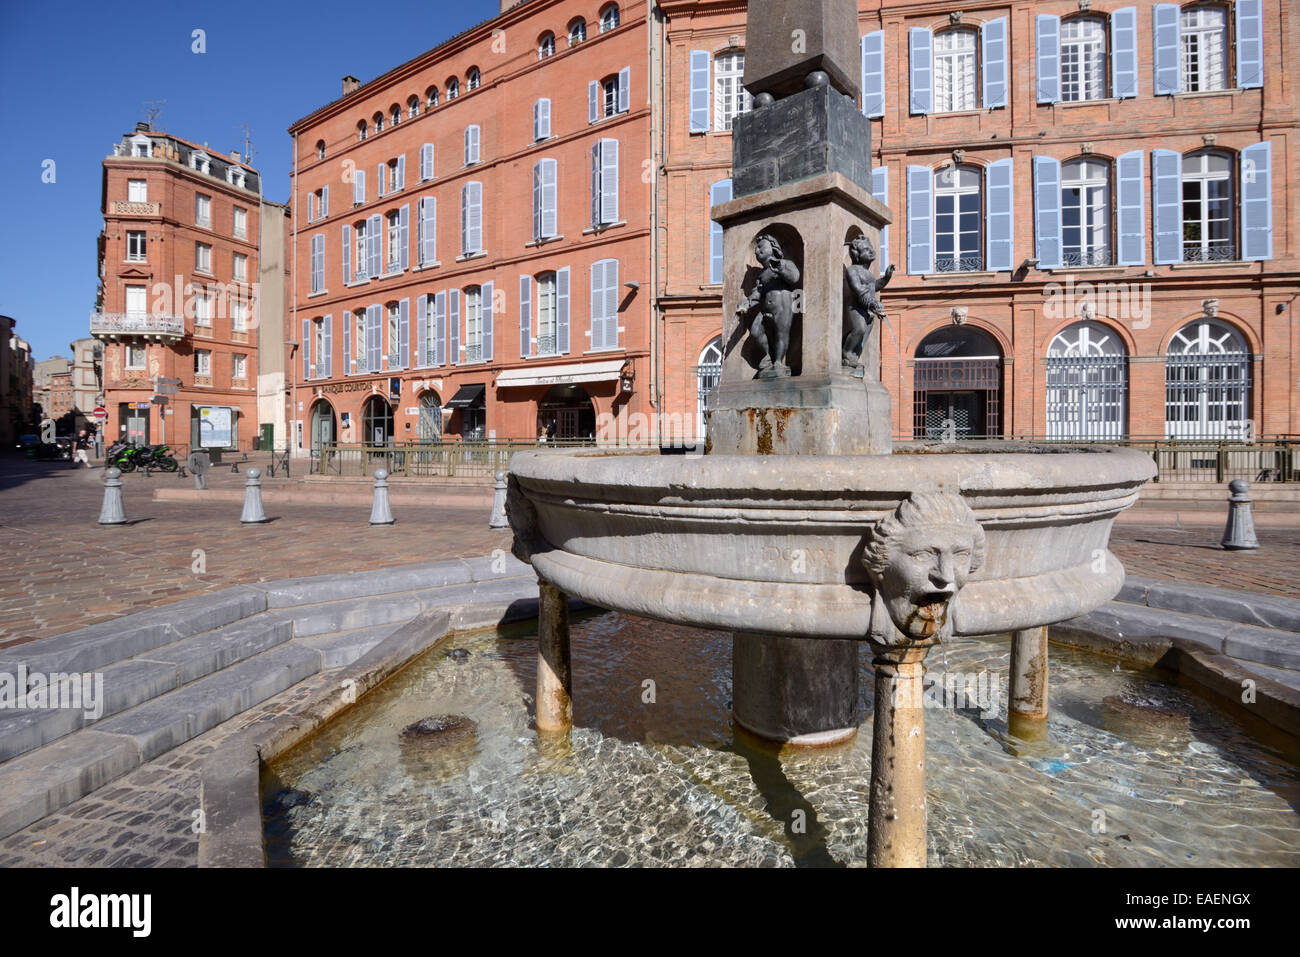 Fuente de la calle y la arquitectura de ladrillo rojo en lugar Etienne o Plaza de la ciudad TOULOUSE Haute-Garonne Imagen De Stock